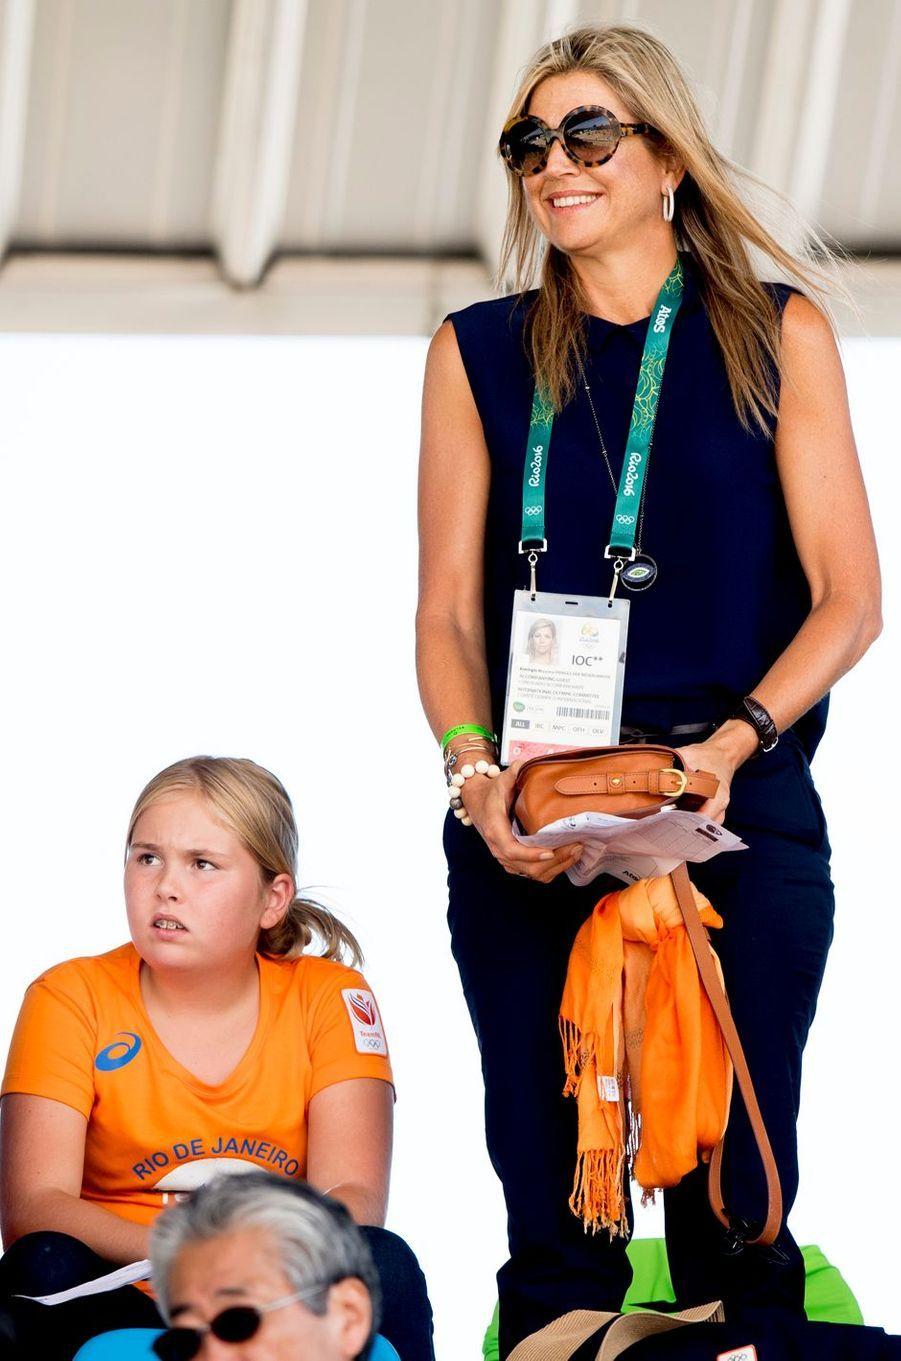 La reine Maxima des Pays-Bas, avec sa fille Catharina-Amalia, aux JO de Rio, le 16 août 2016